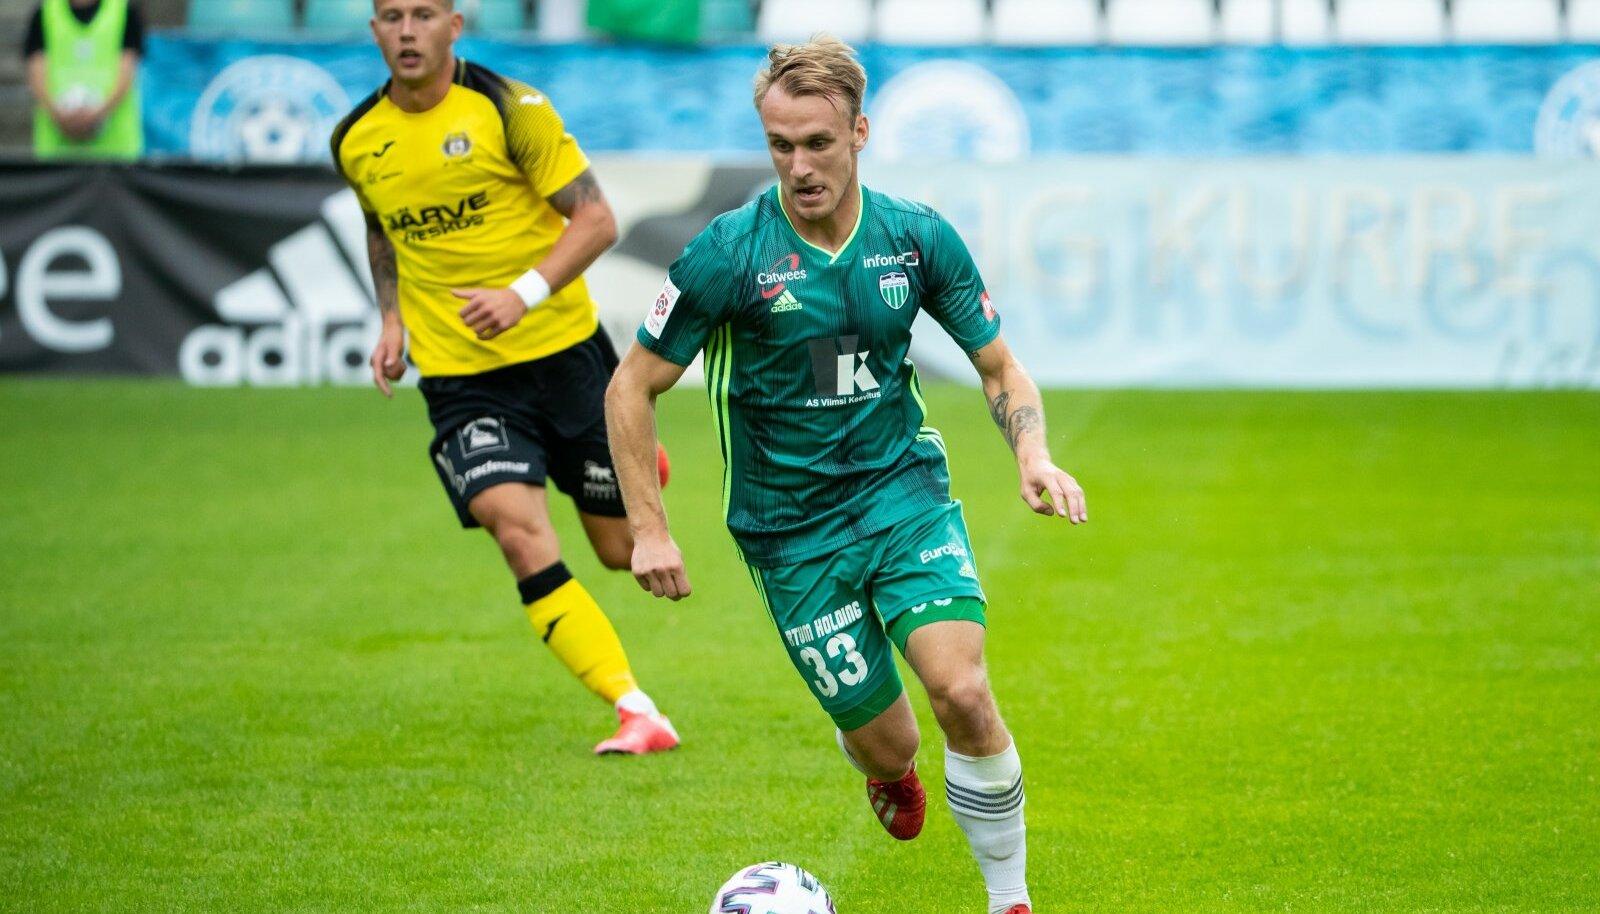 Tallinn, 02.08.2020. Eesti jalgpalli Premium liigas kolmandaks tõusnud FCI Levadia sai Lilleküla staadionil suure võidu, kui tulemusega 5:1 alistati 15. vooru mängus Viljandi Tulevik 5:1.